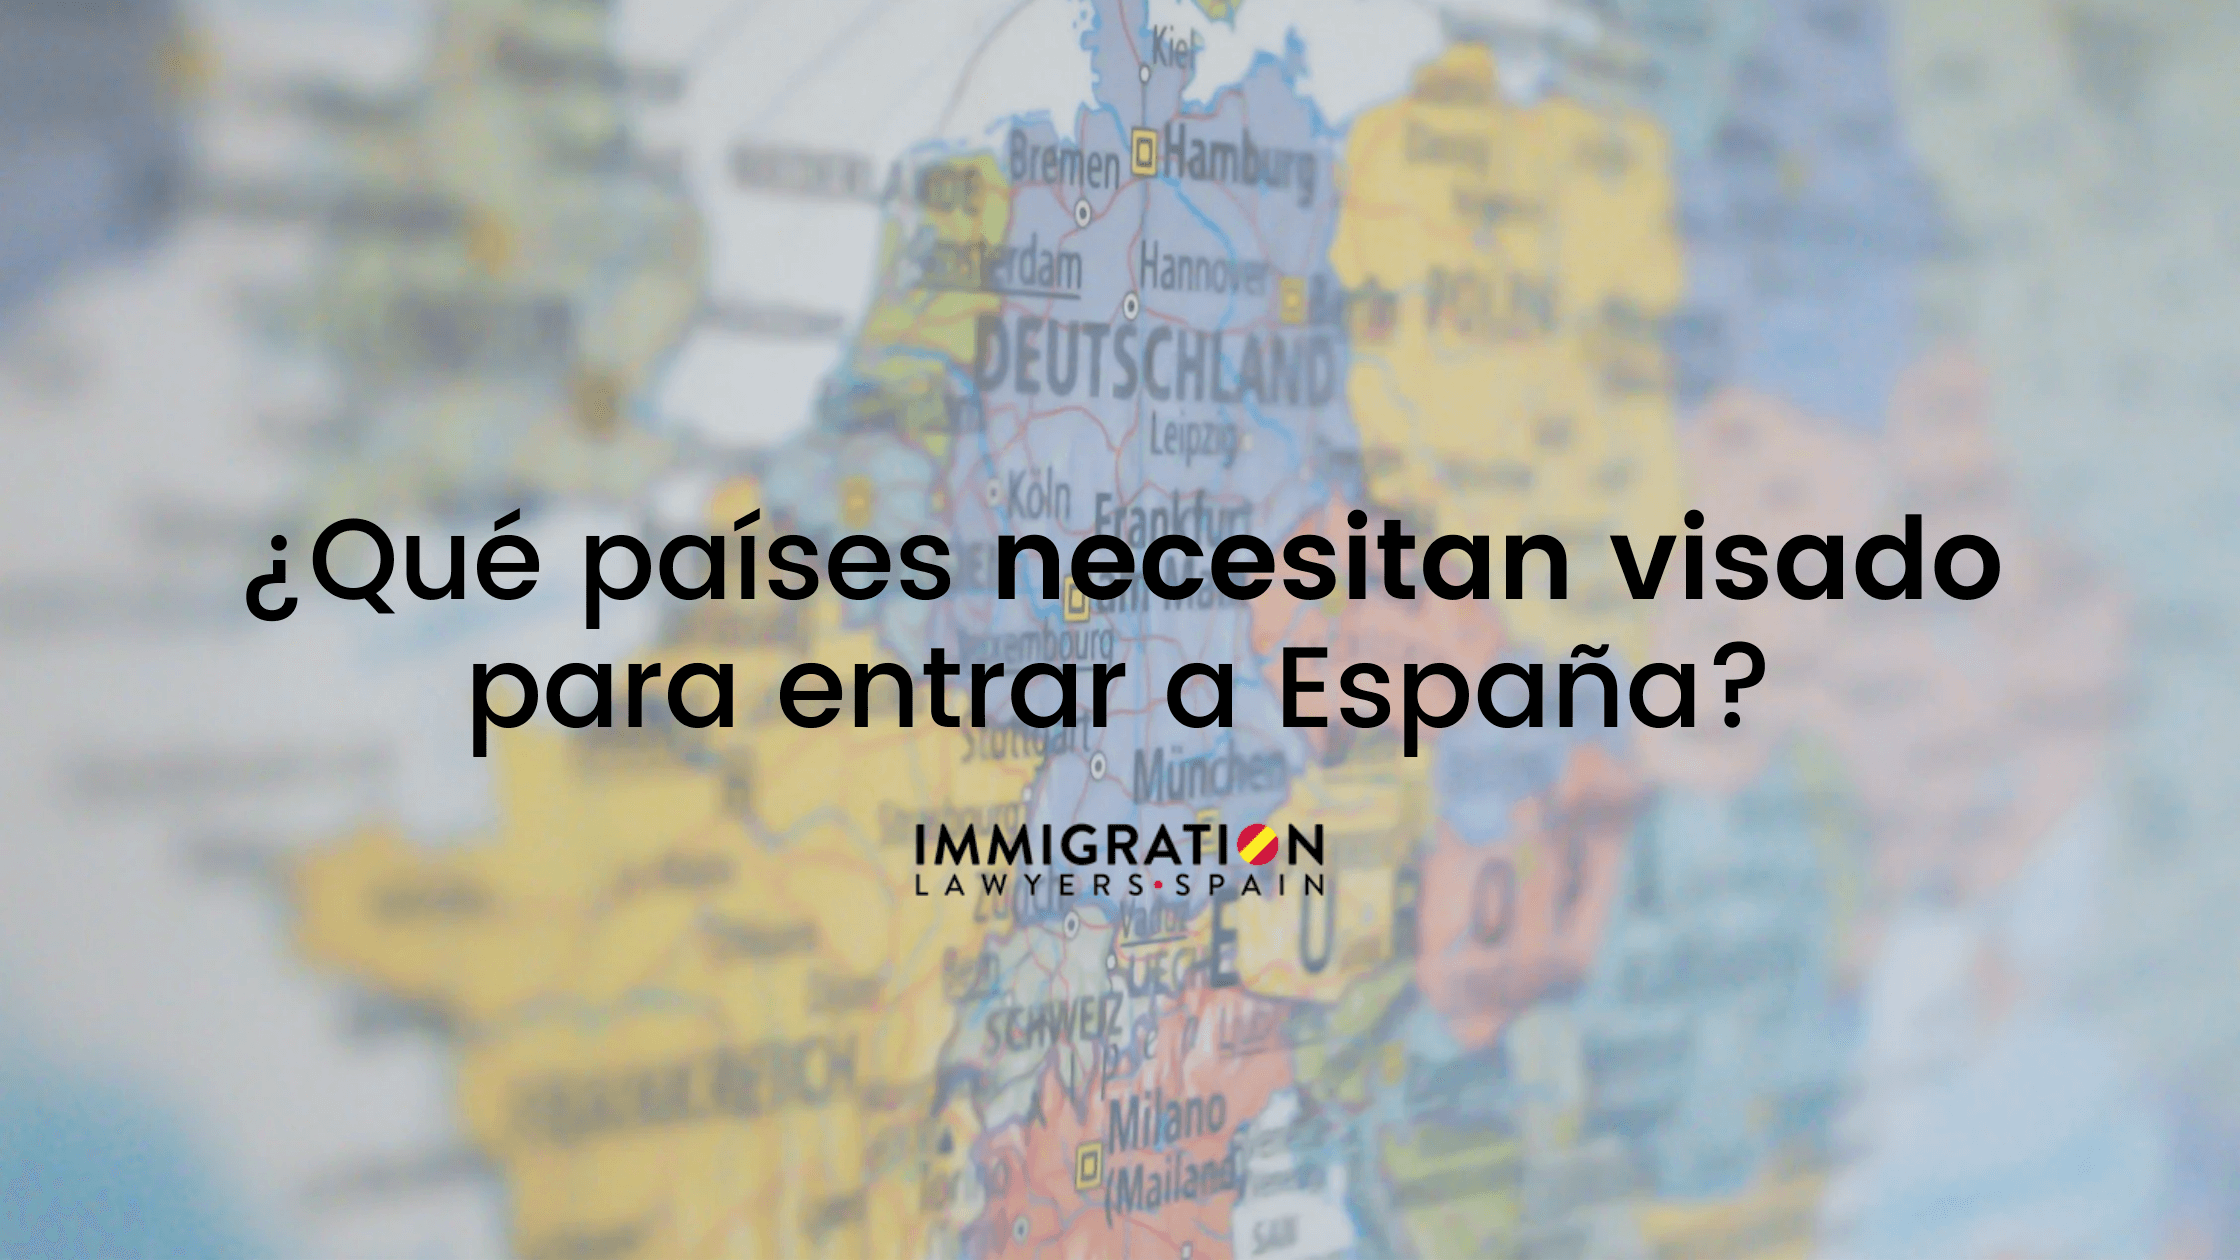 Quels pays n'ont pas besoin de visapour venir en Espagne ?